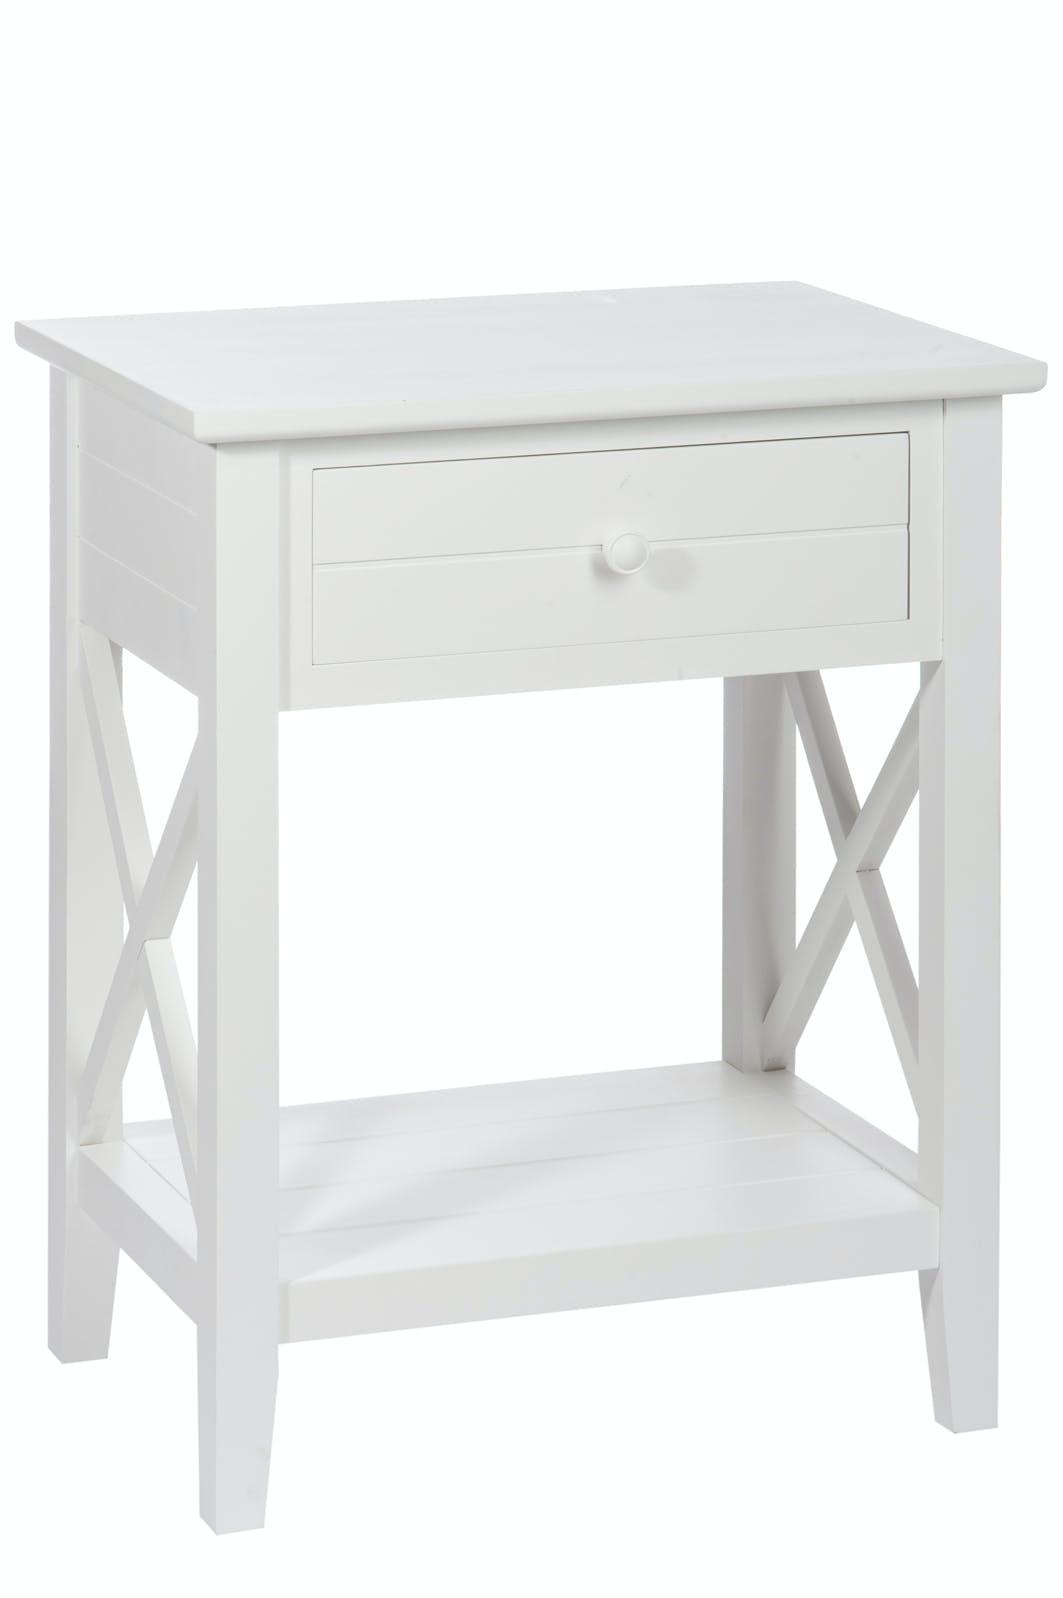 Bout de canapé / Table de chevet bois blanc pieds croisillons, 1 tiroir 50x35x63cm